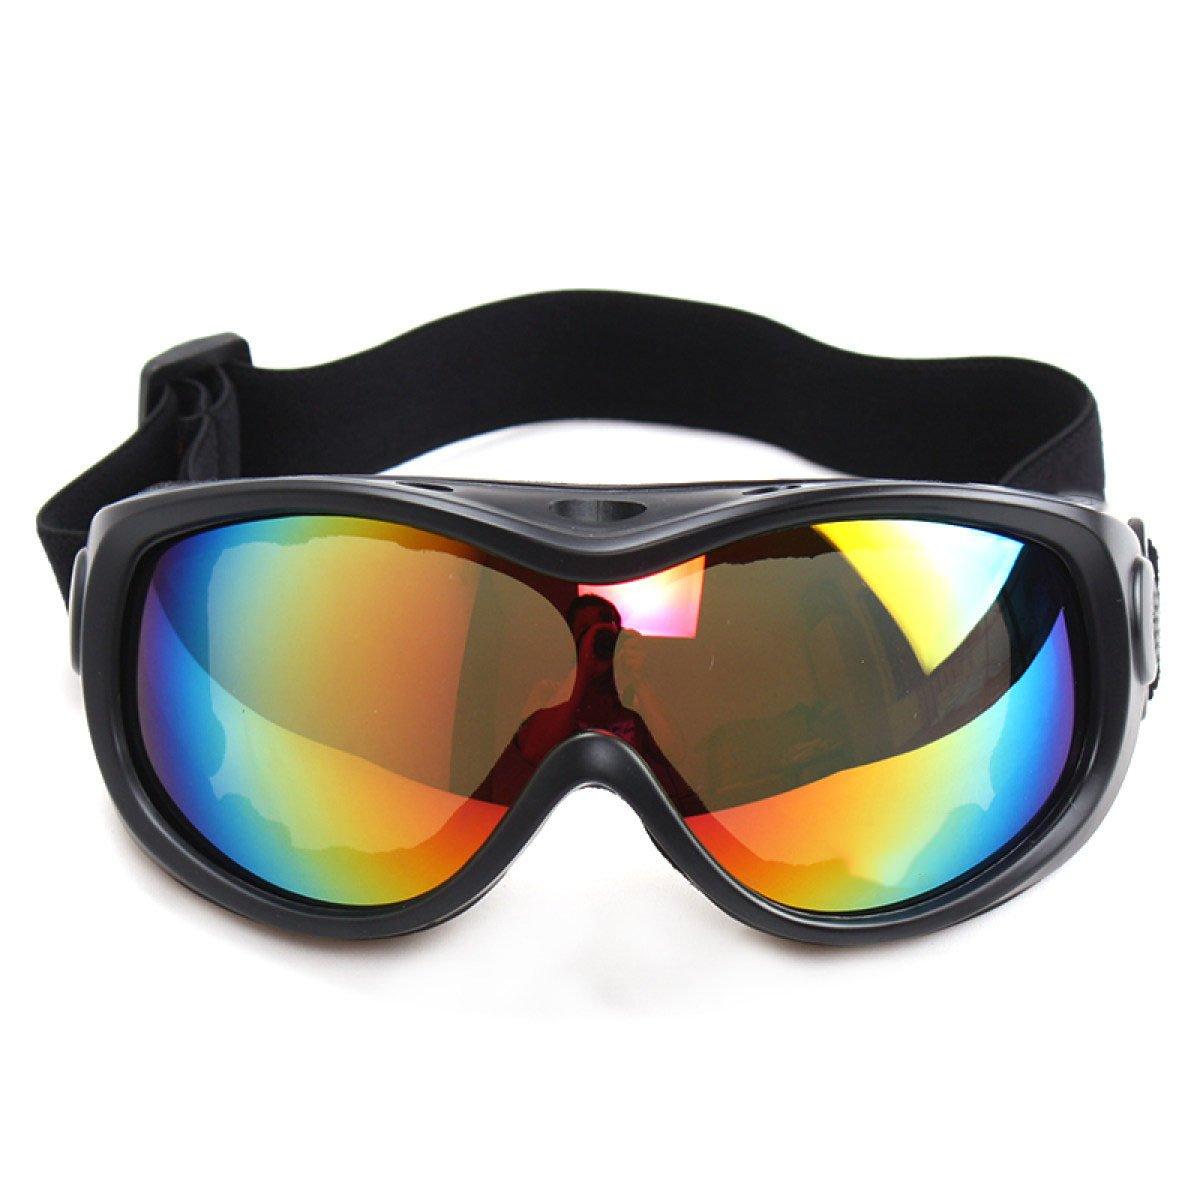 WDAKOWA Skispiegel Outdoor Winddicht Sport Brillen Herren Damen Kinder,Yellow